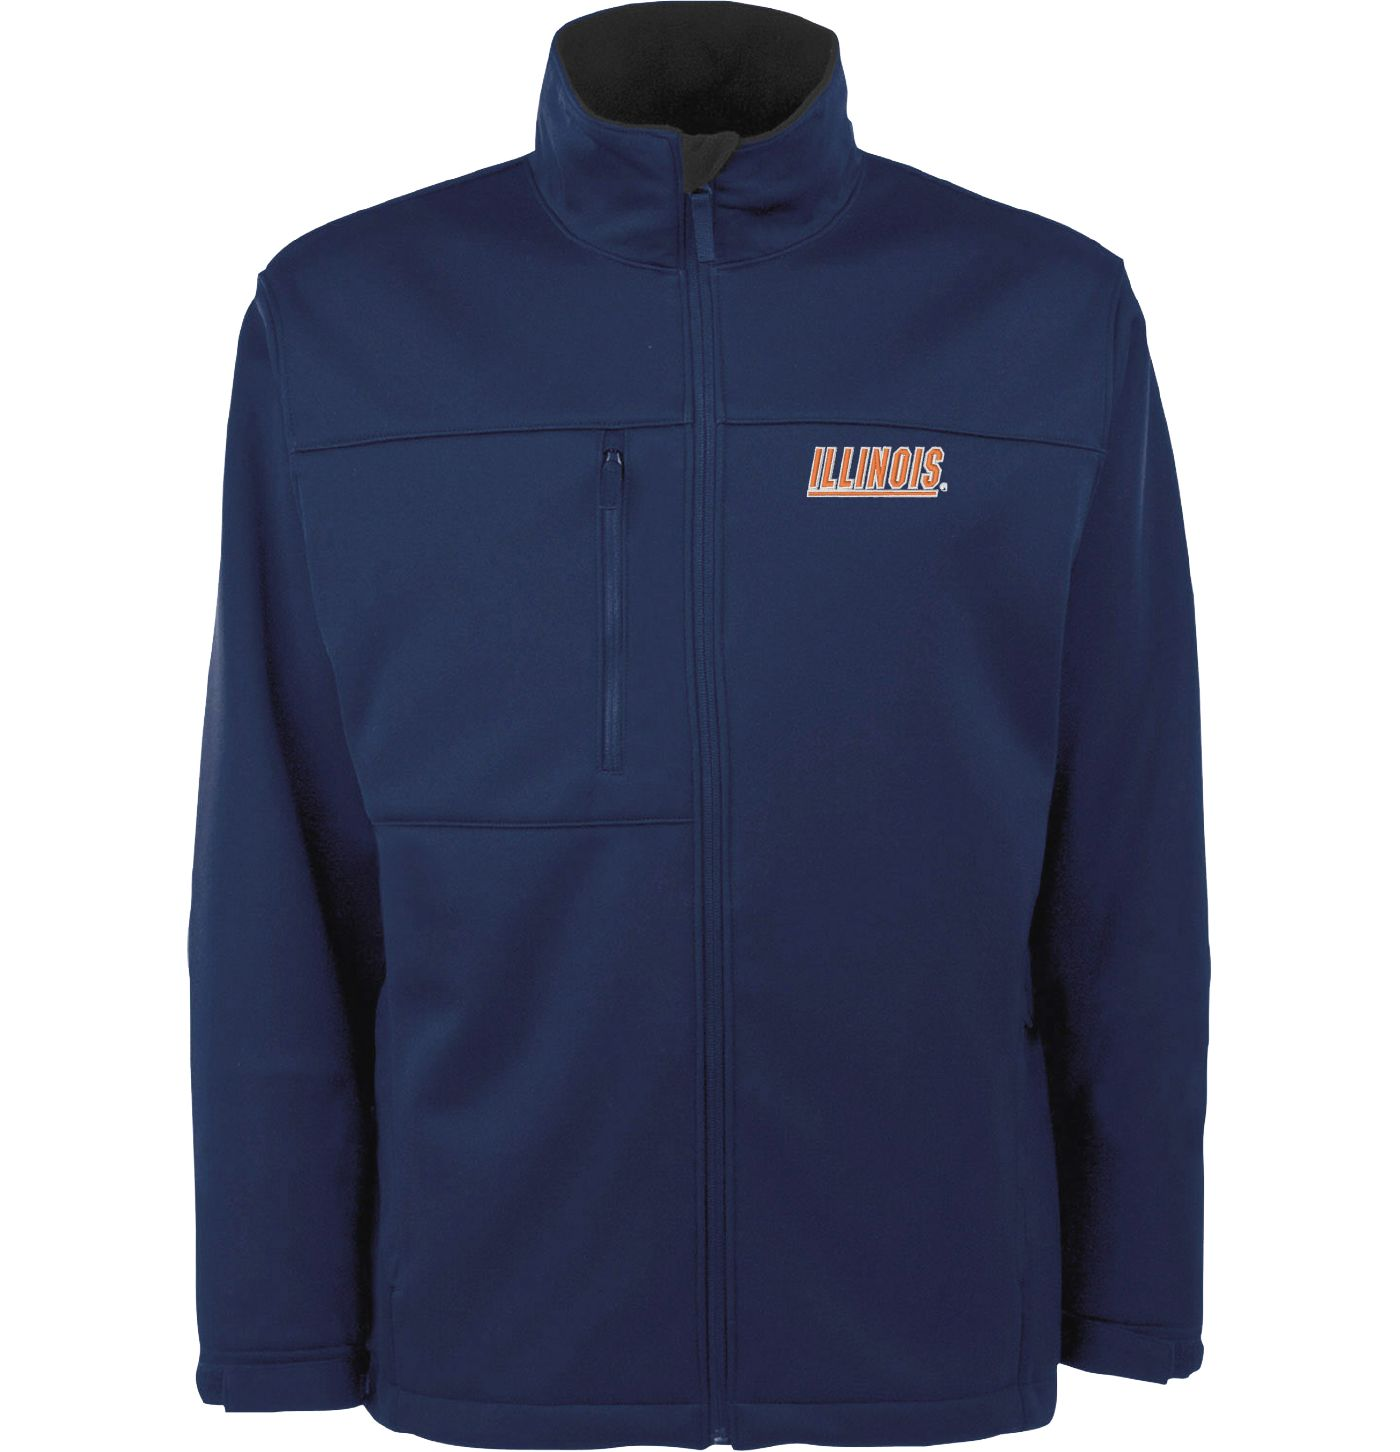 Antigua Men's Illinois Fighting Illini Blue Traverse Full-Zip Jacket